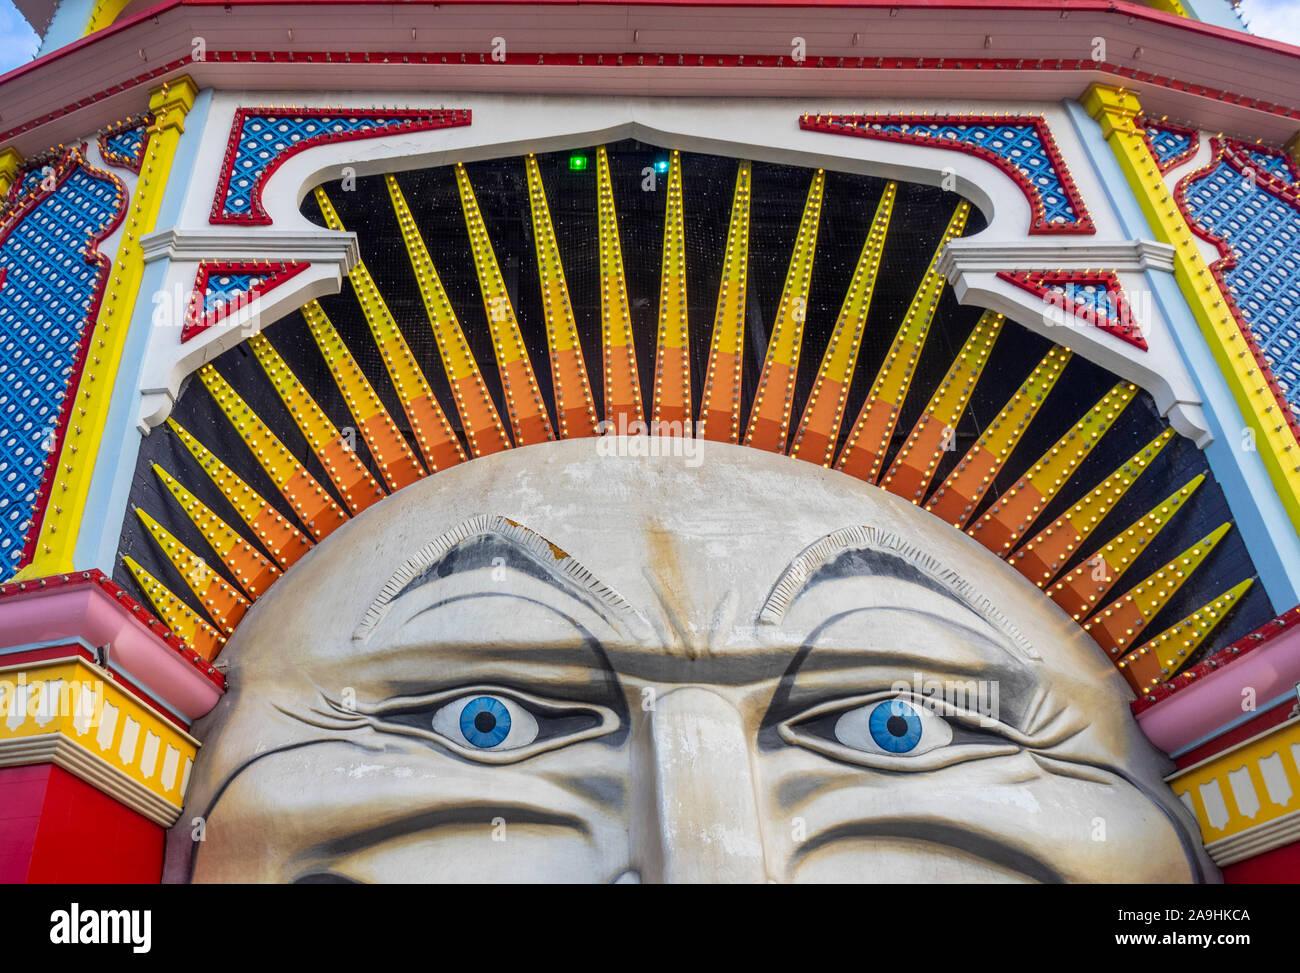 Signor iconica il volto della Luna ingresso al Luna Park parco divertimenti fiera in St Kilda Melbourne Victoria Australia. Foto Stock